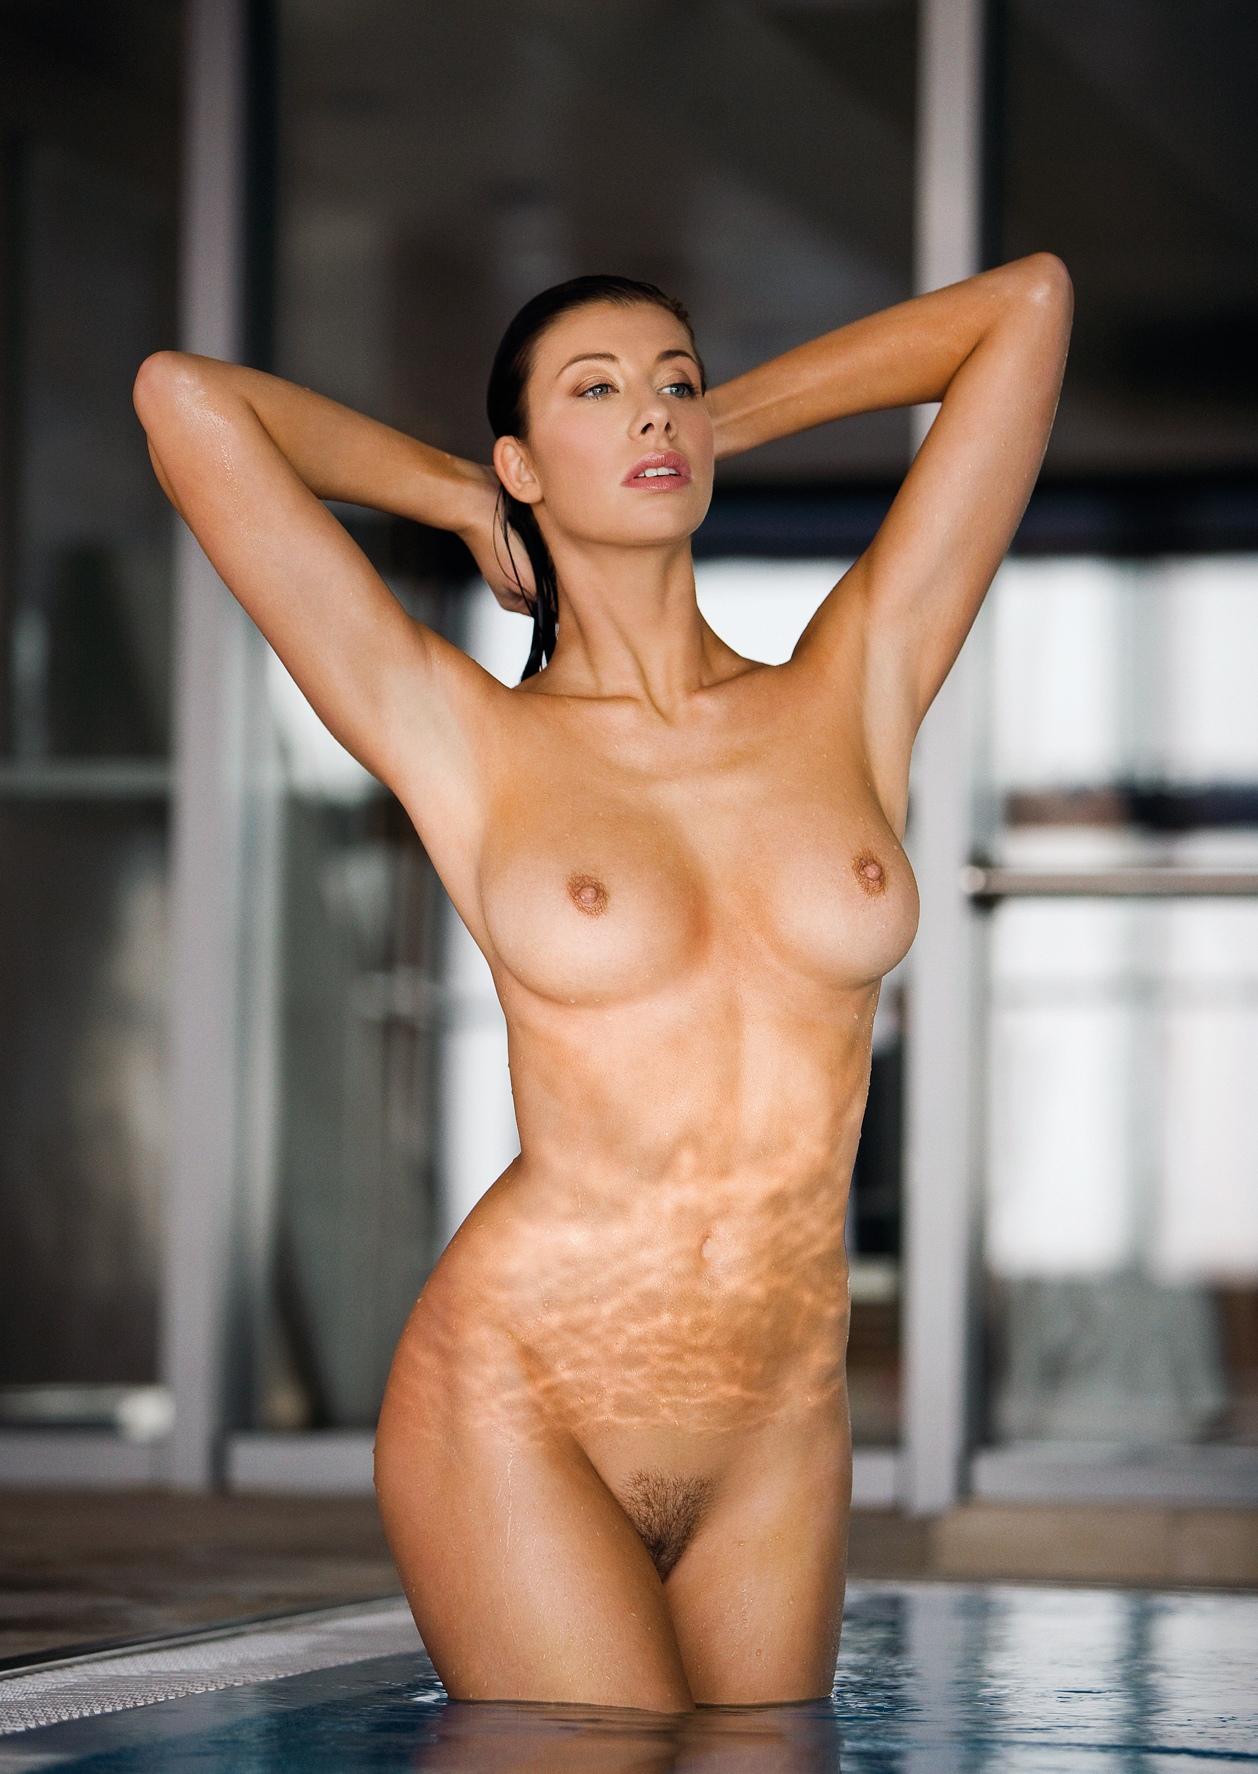 Maria pacinosworld nude